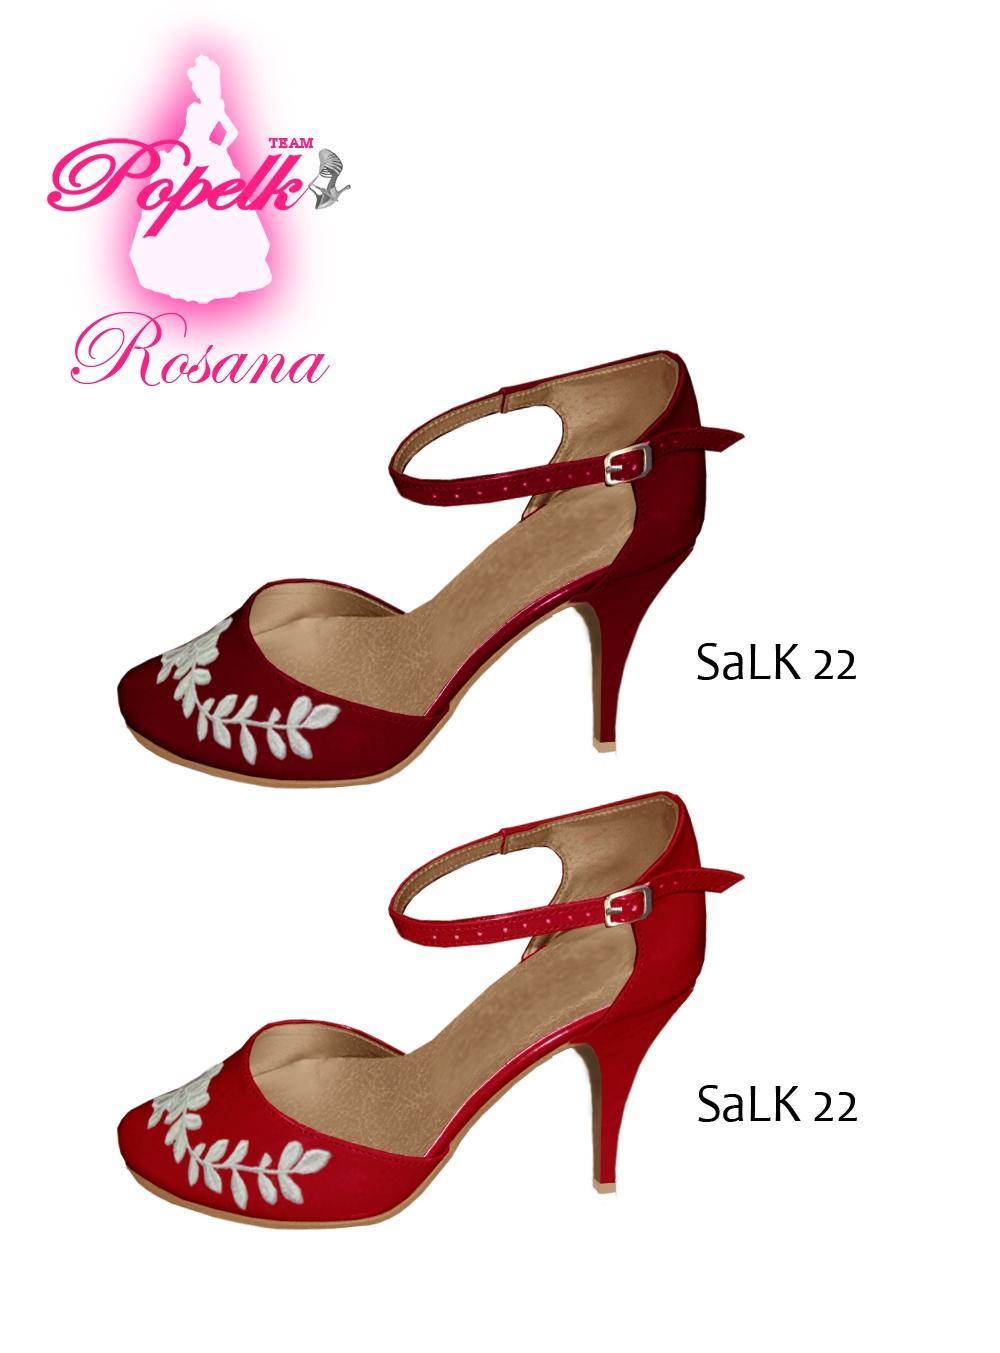 Svadobné topánky s úpravou na želanie - inšpirácie bordó, hnědá, čokoládová - Obrázok č. 29